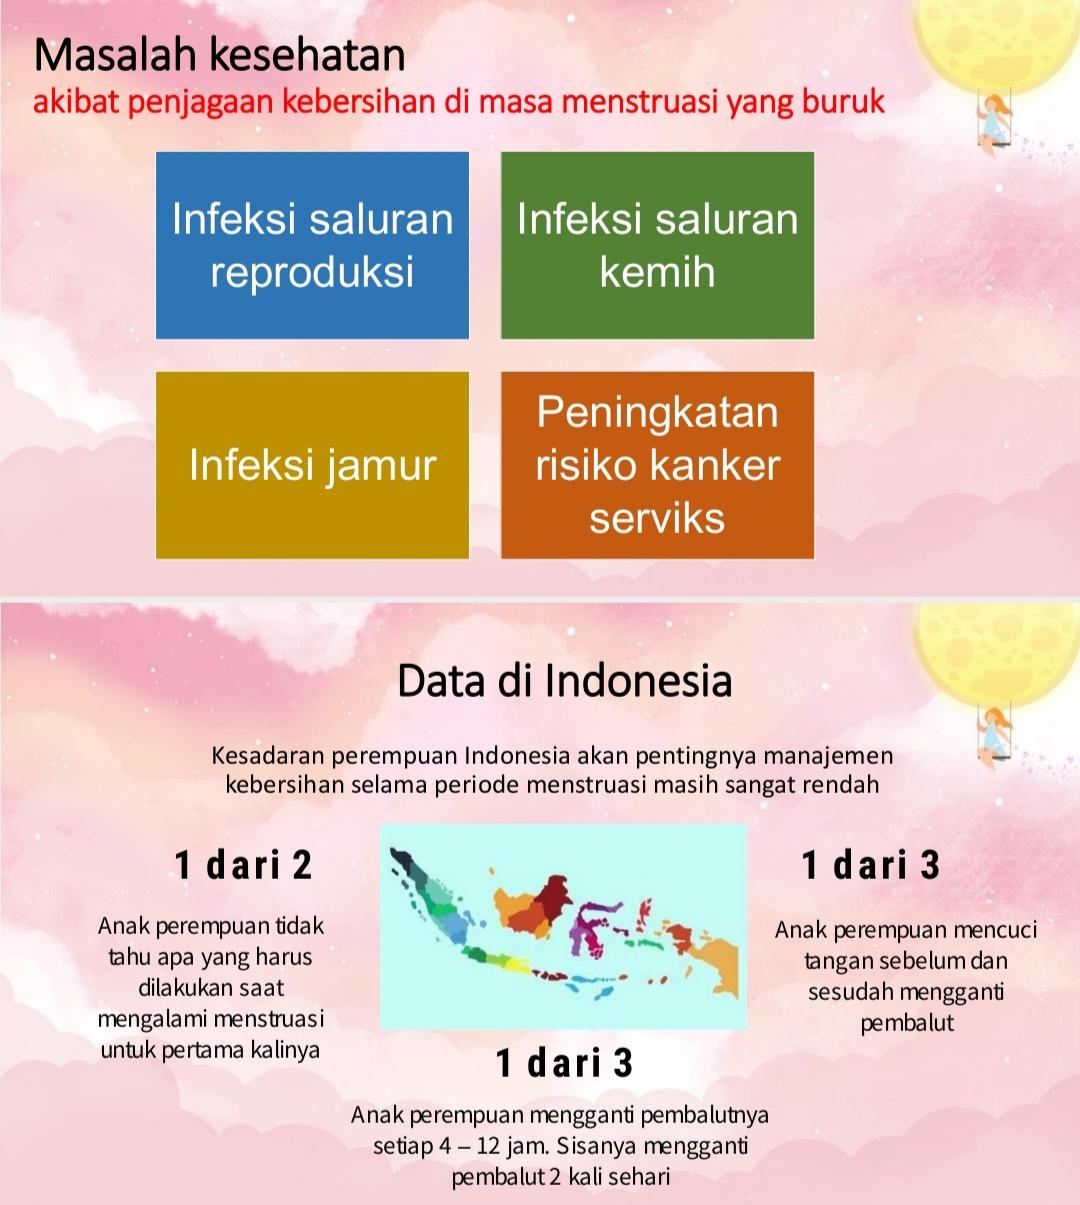 Masalah Kesehatan Akibat Menstruasi